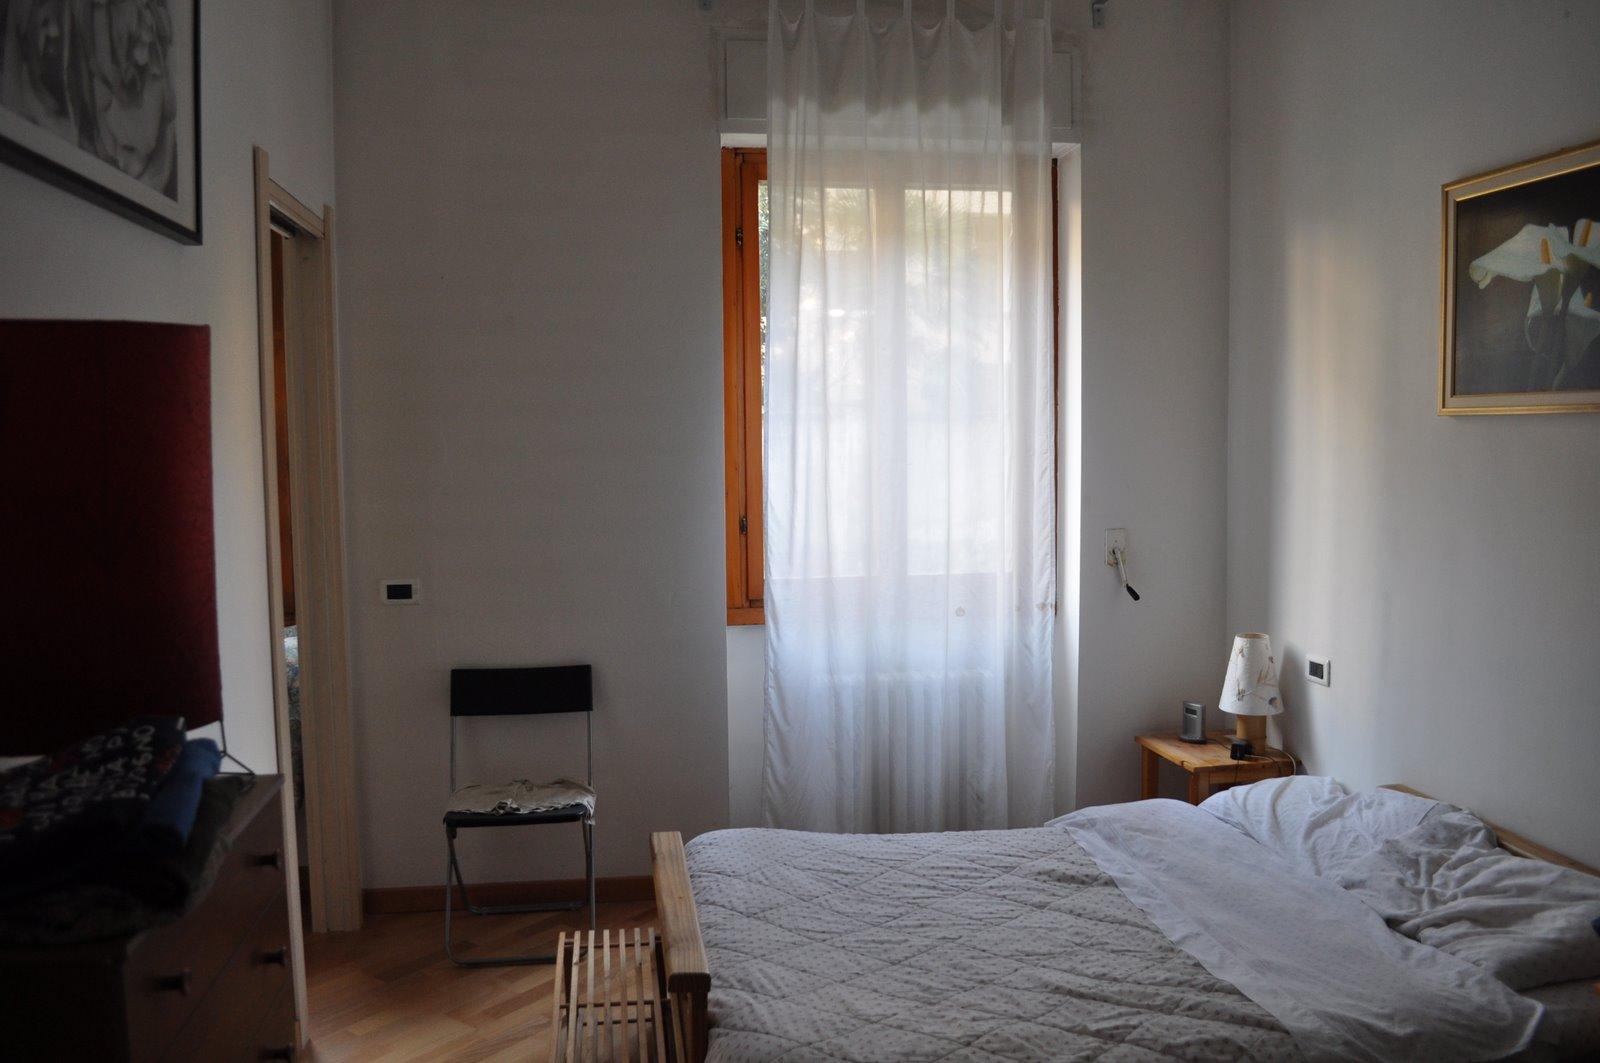 La camera da letto appartamento in vendita 88mq via gamboloita milano zona lodi corvetto - Camera da letto milano ...